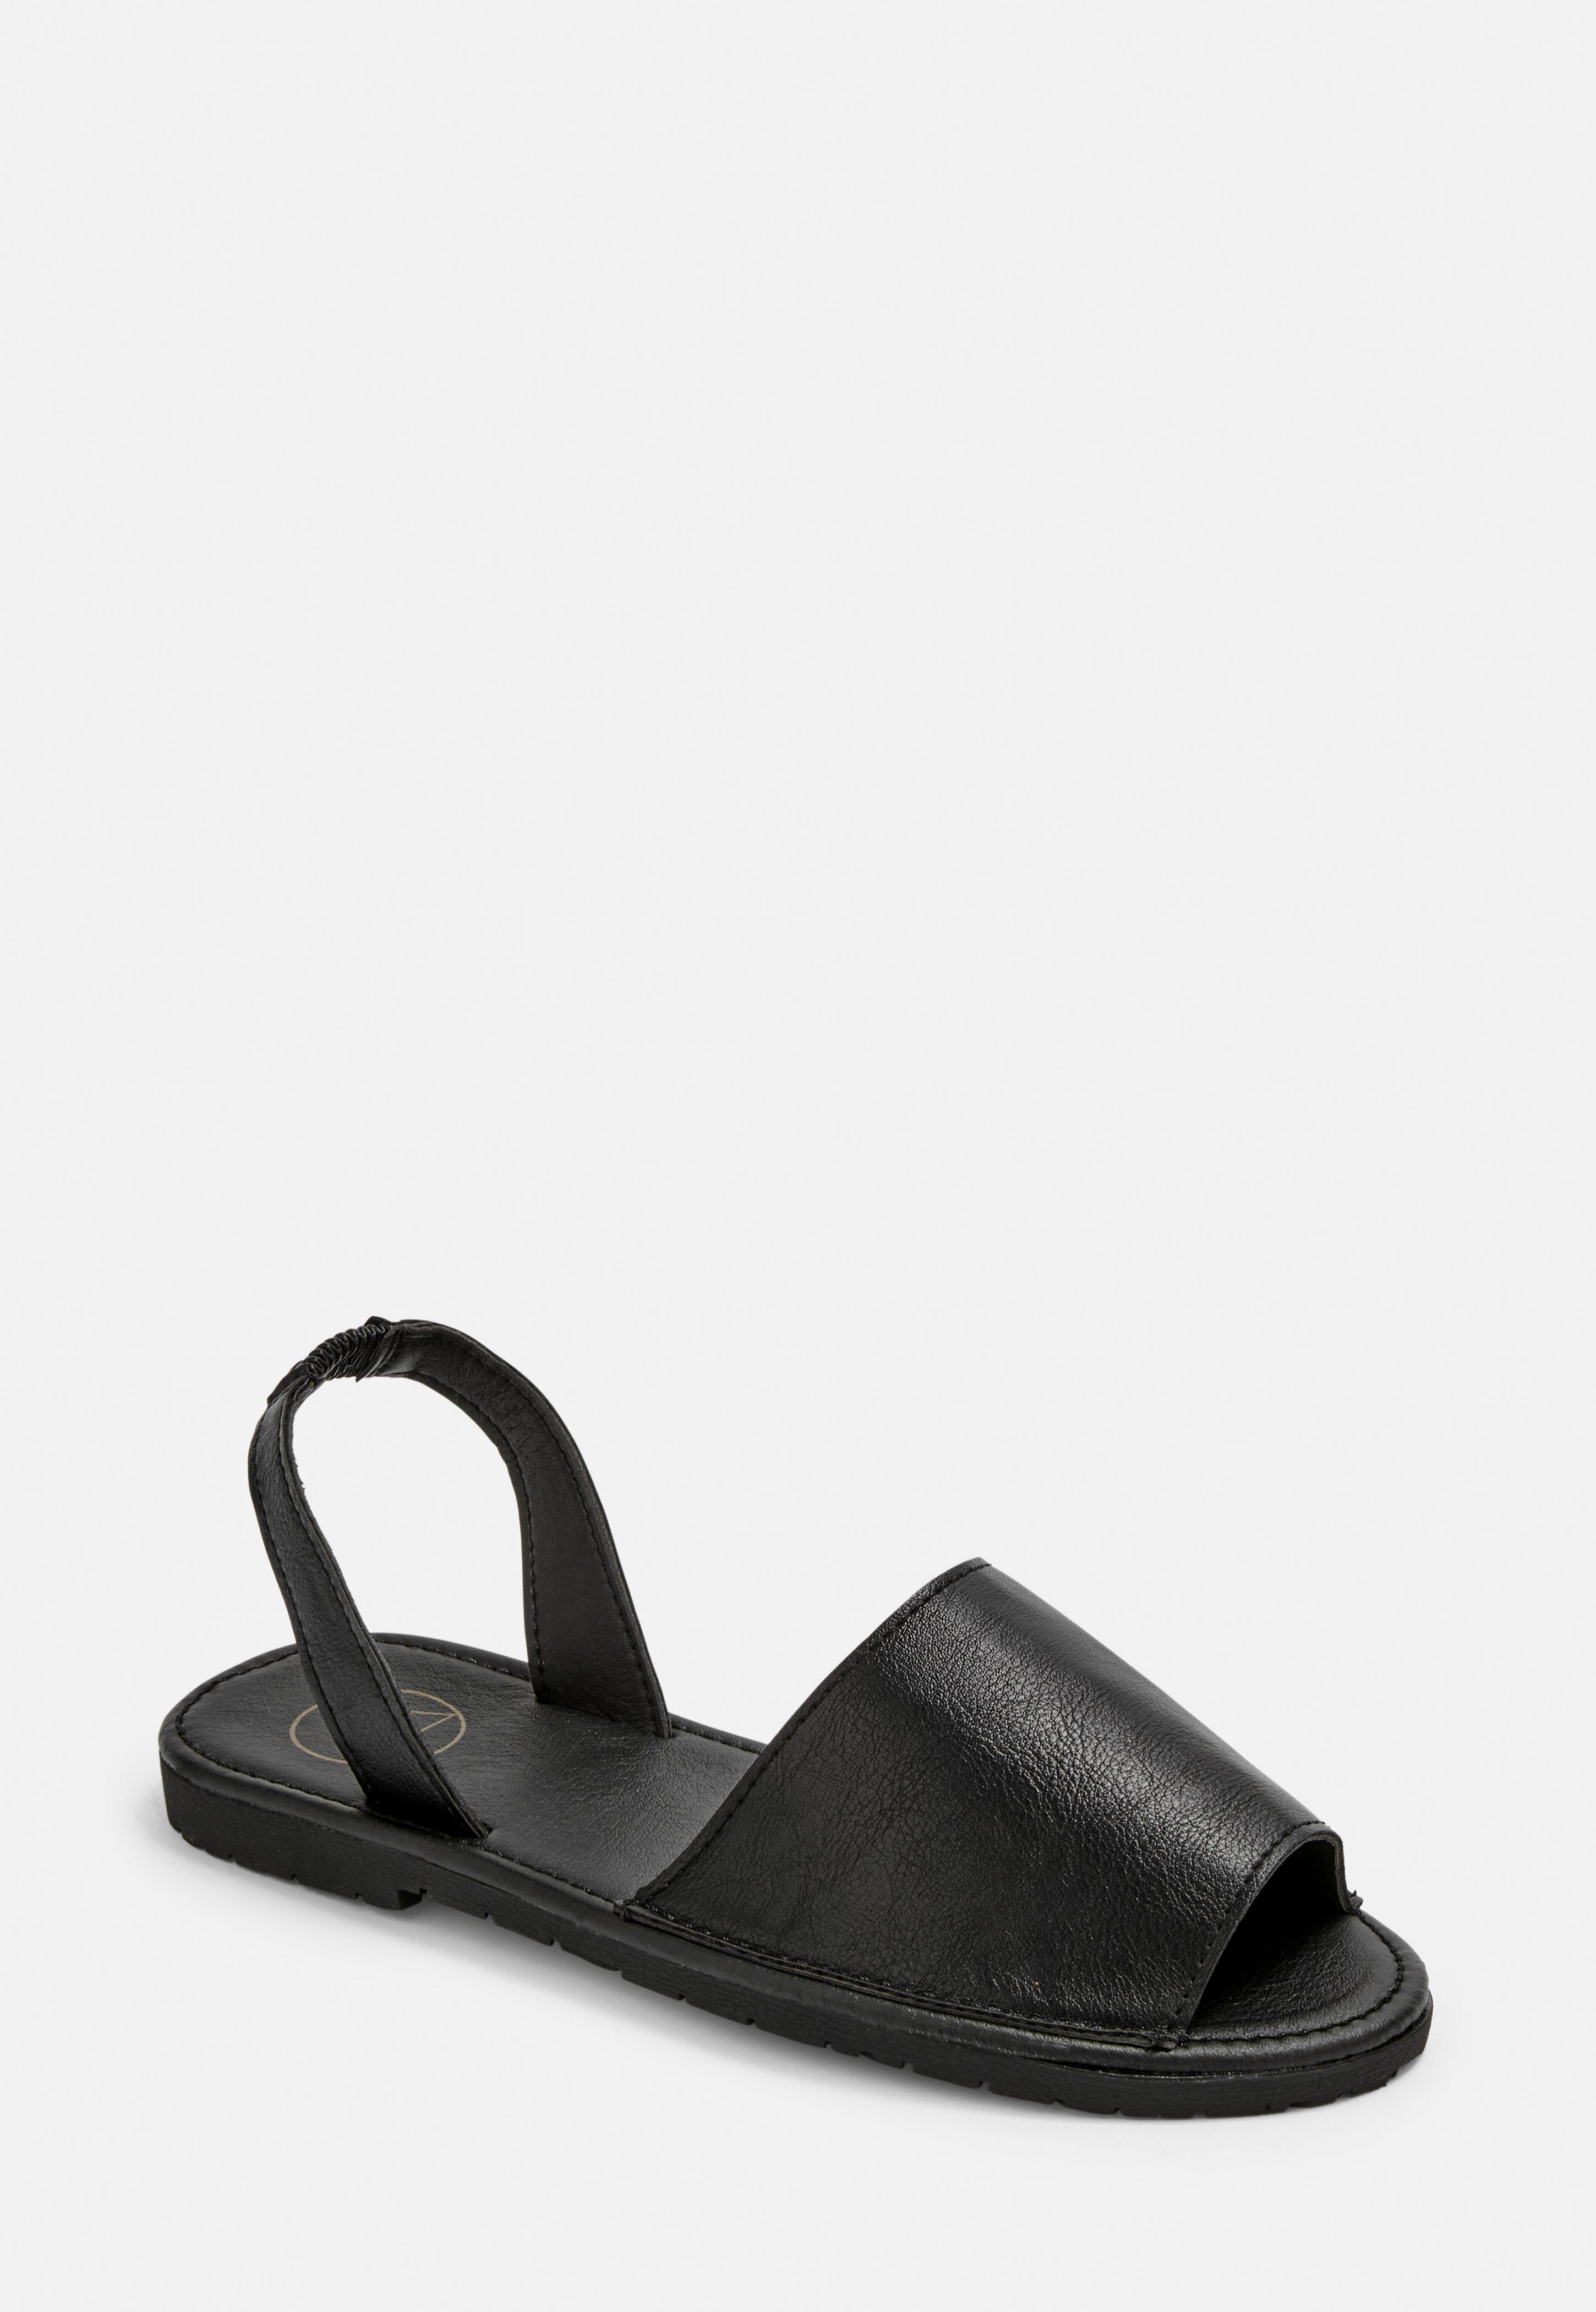 3c761db37de705 Chaussure femme | Achat chaussures en ligne - Missguided